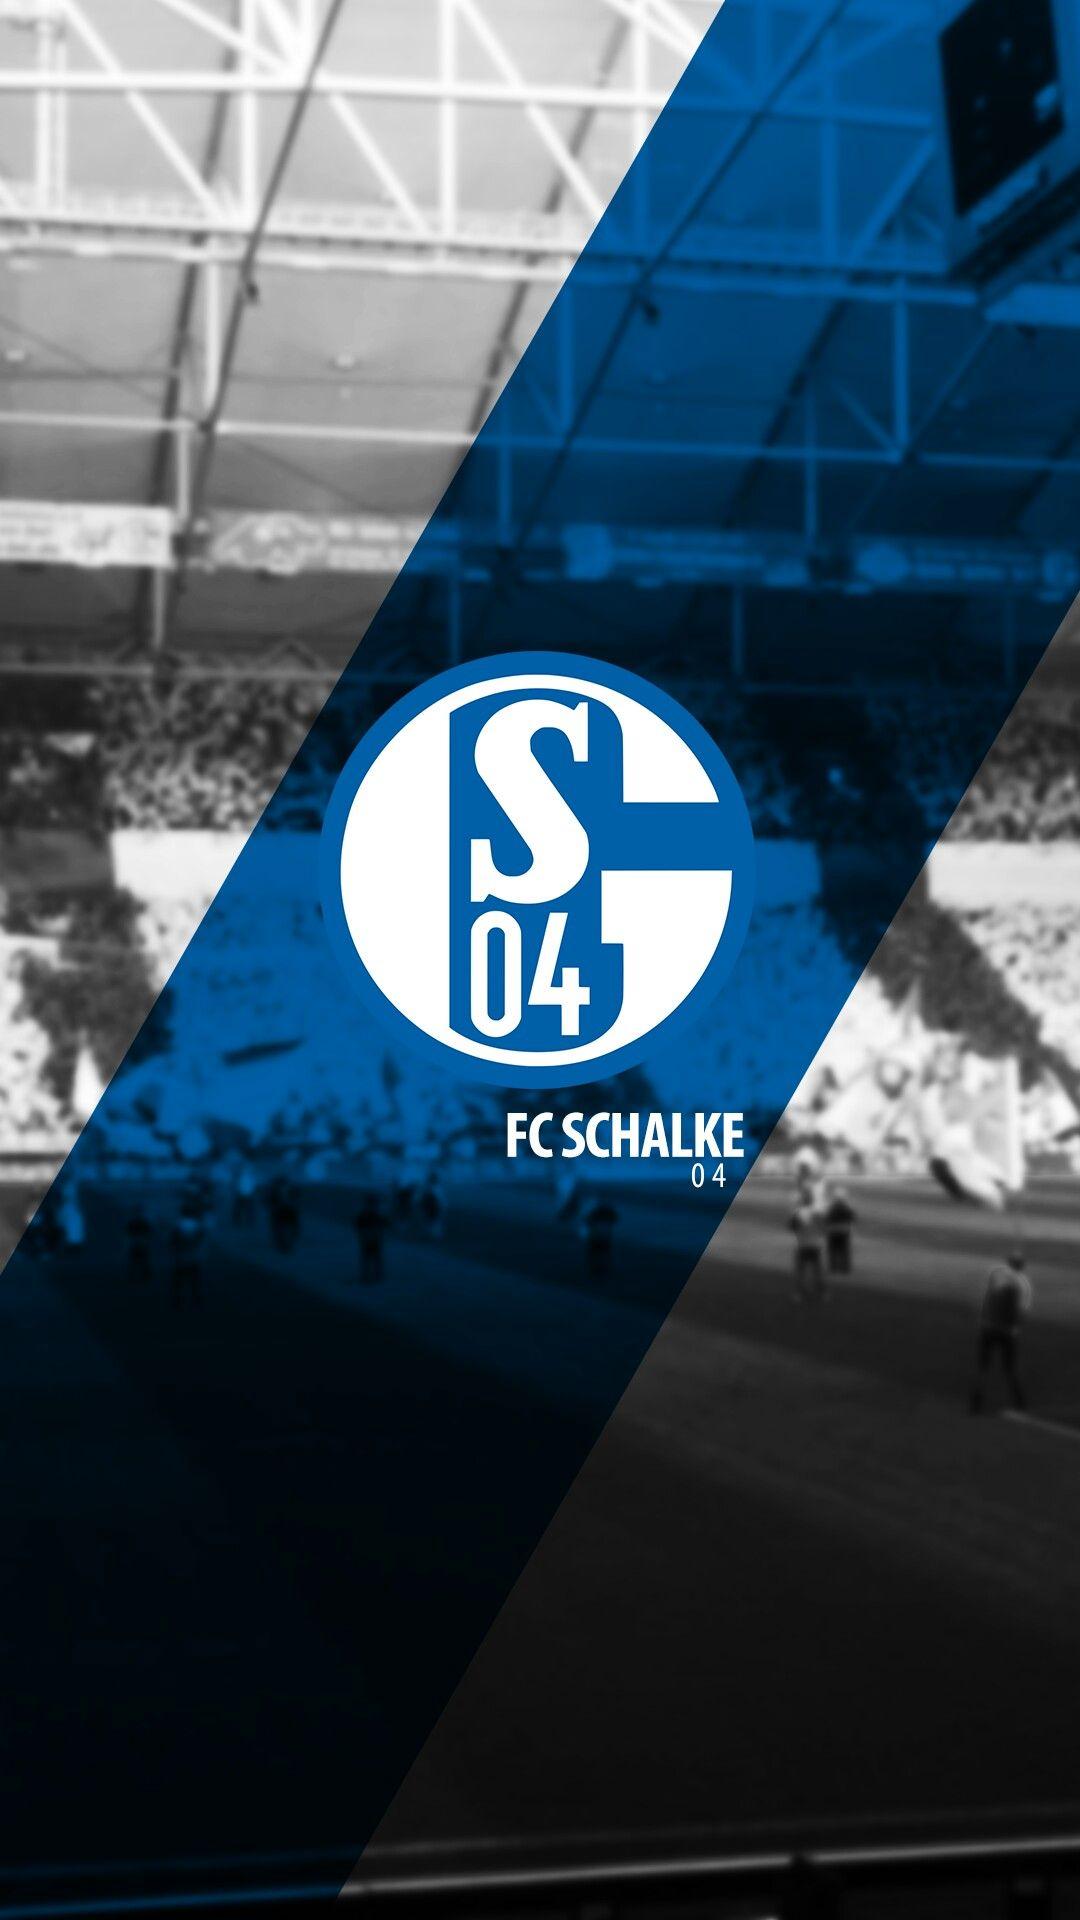 Schalke 04 Wallpaper Schalke 04 Schalke Und Schalke 04 Logo